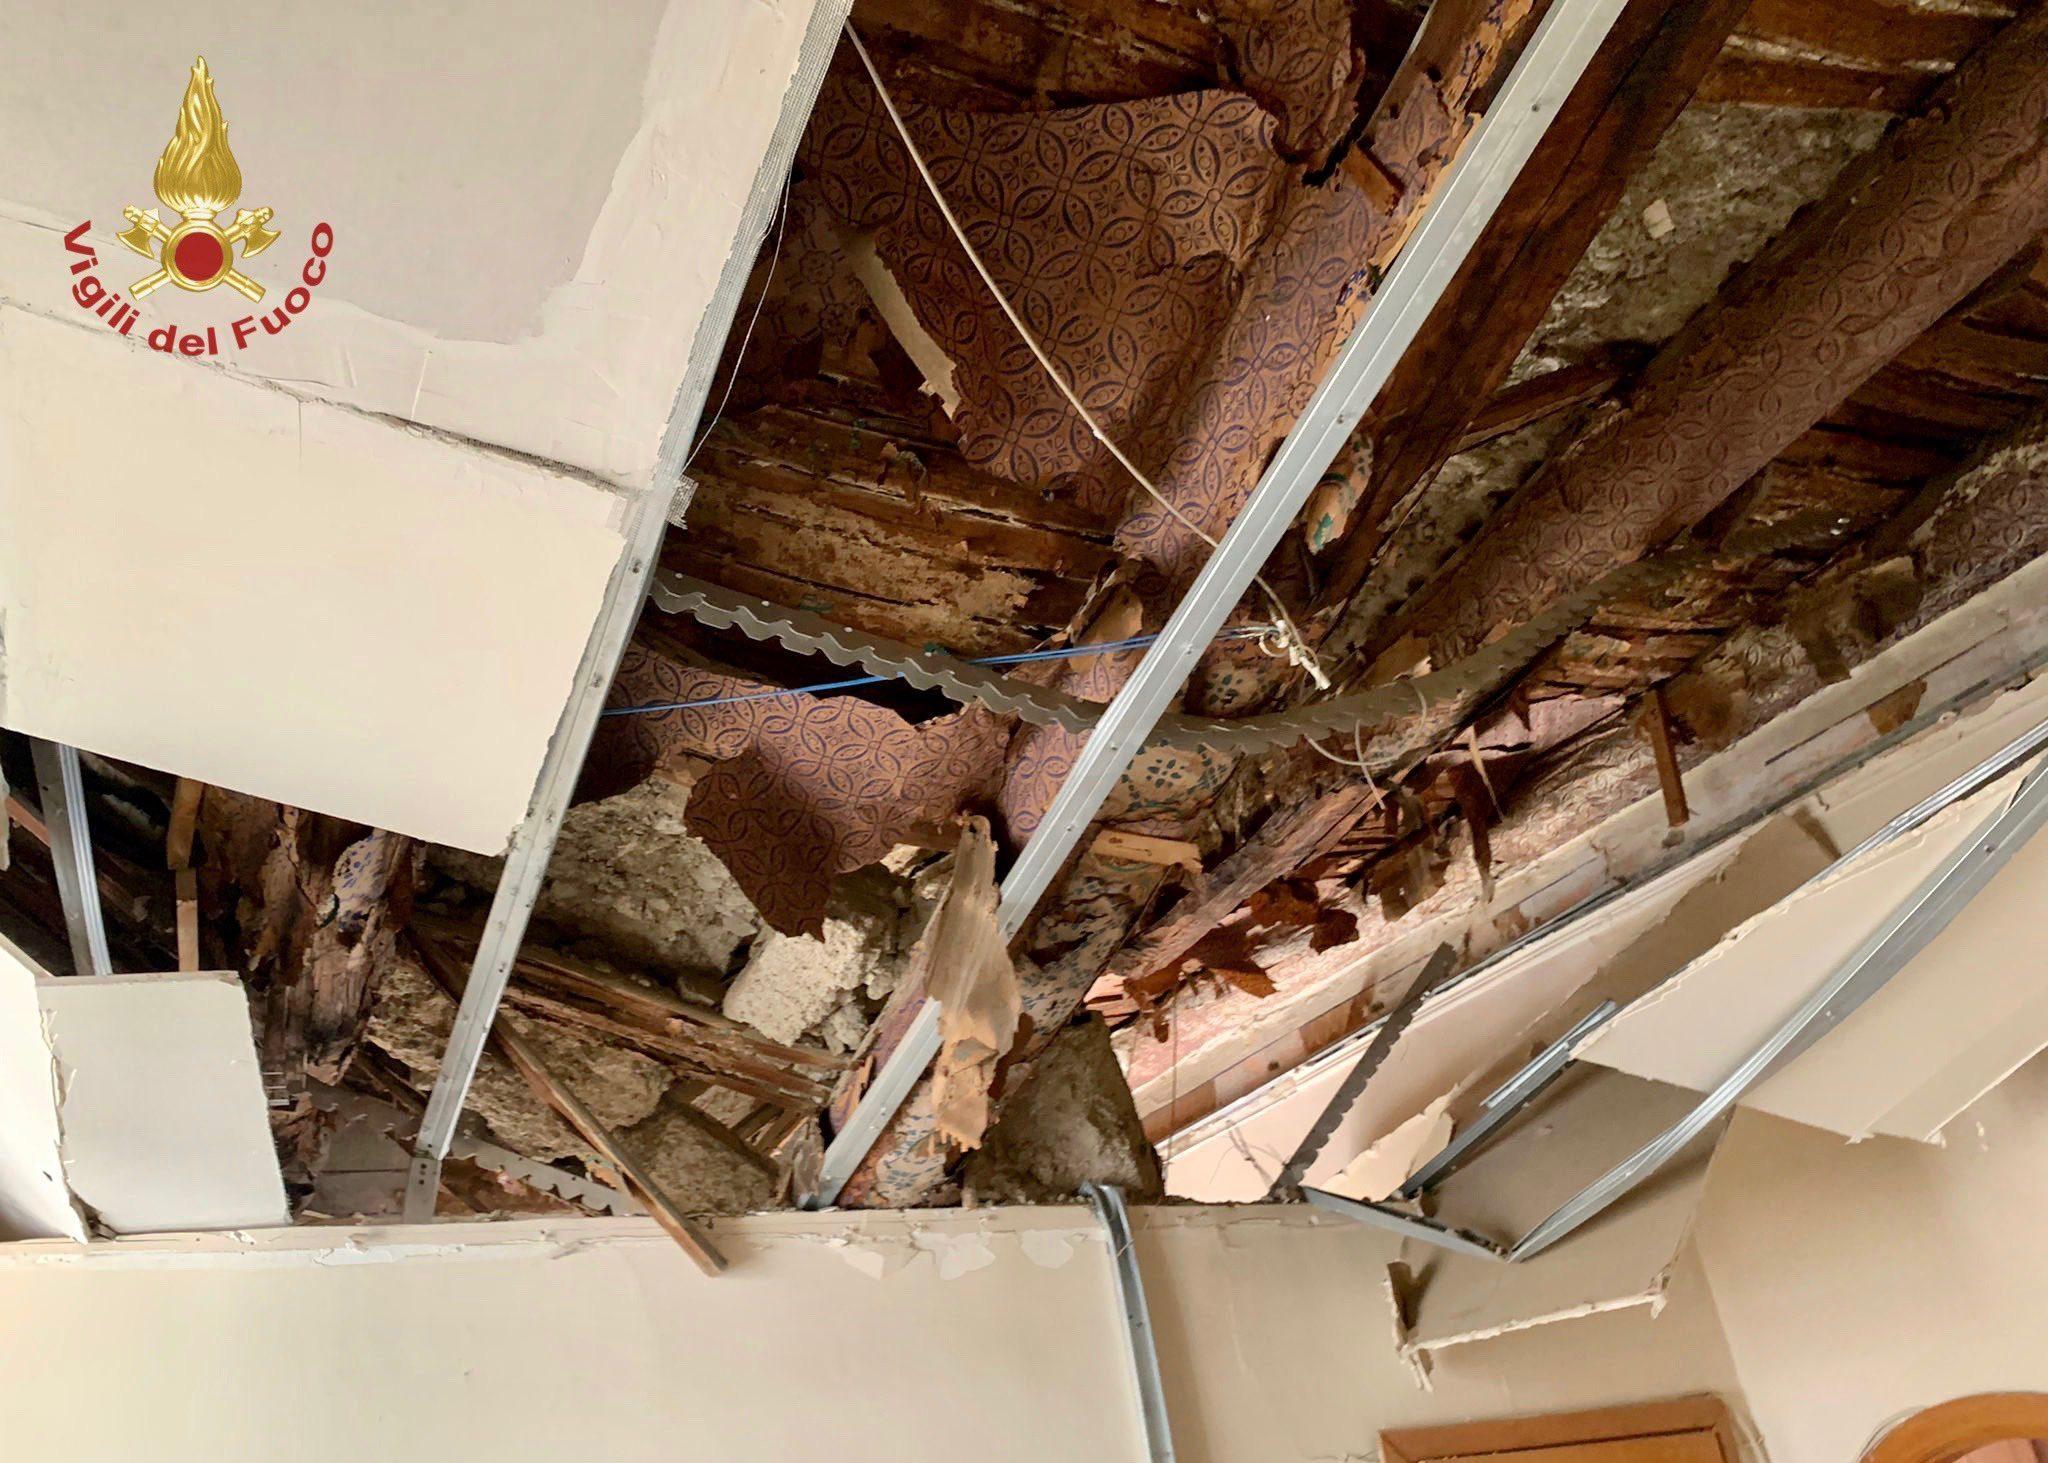 Paura a Napoli, crolla il solaio di un palazzo: evacuate 12 famiglie